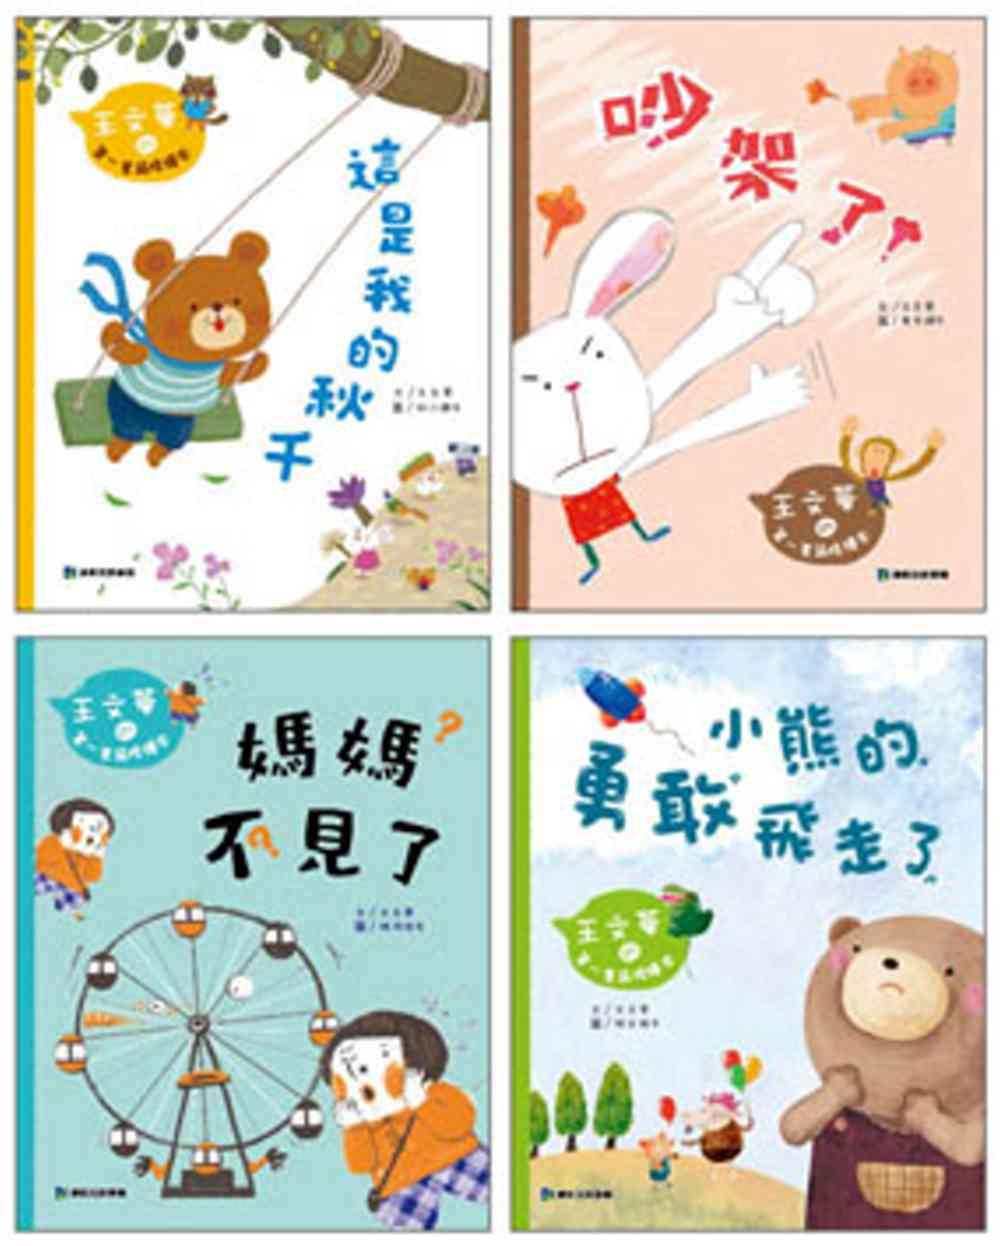 王文華的第一套品格繪本套書:吵架了、這是我的秋千、媽媽不見了、小熊的勇敢飛走了(共4冊)